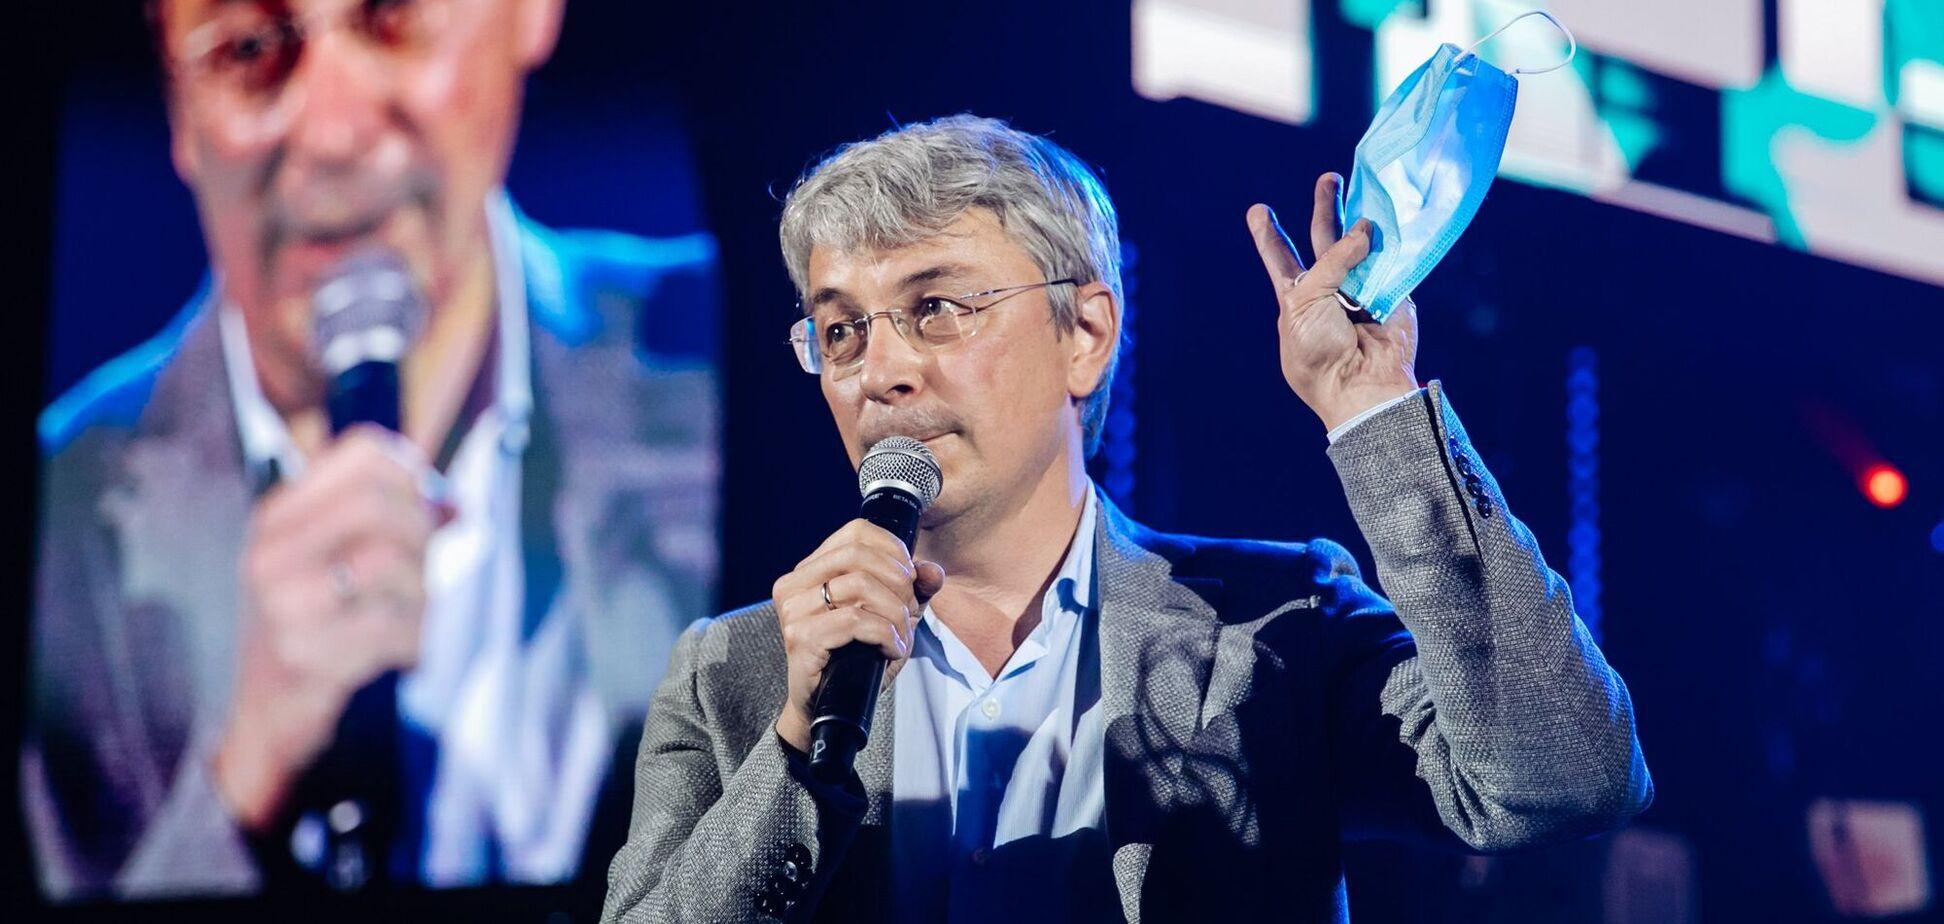 Александр Ткаченко выступил на концерте как организатор мероприятия